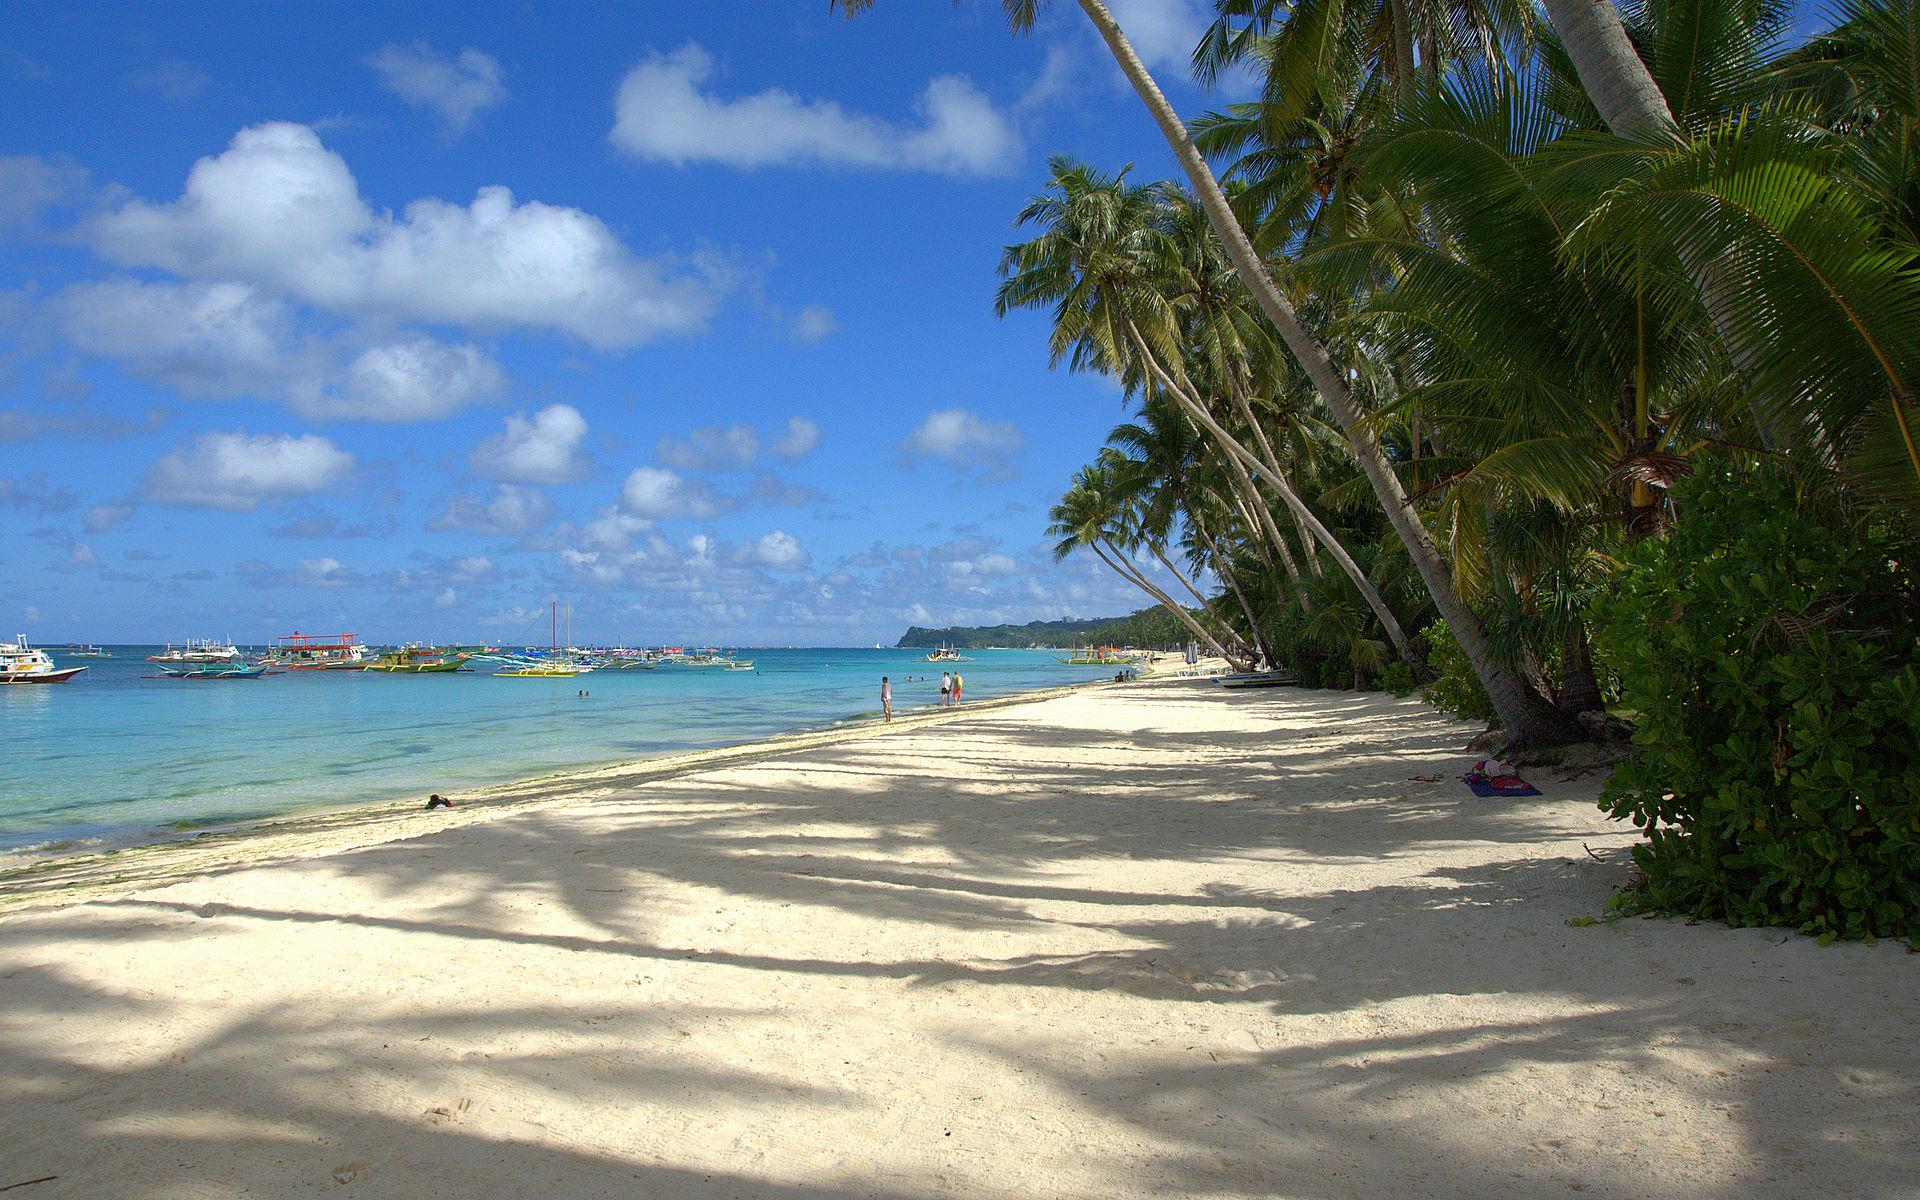 comphotographyphoto30tropical beach wallpaper 06432jpg 1920x1200